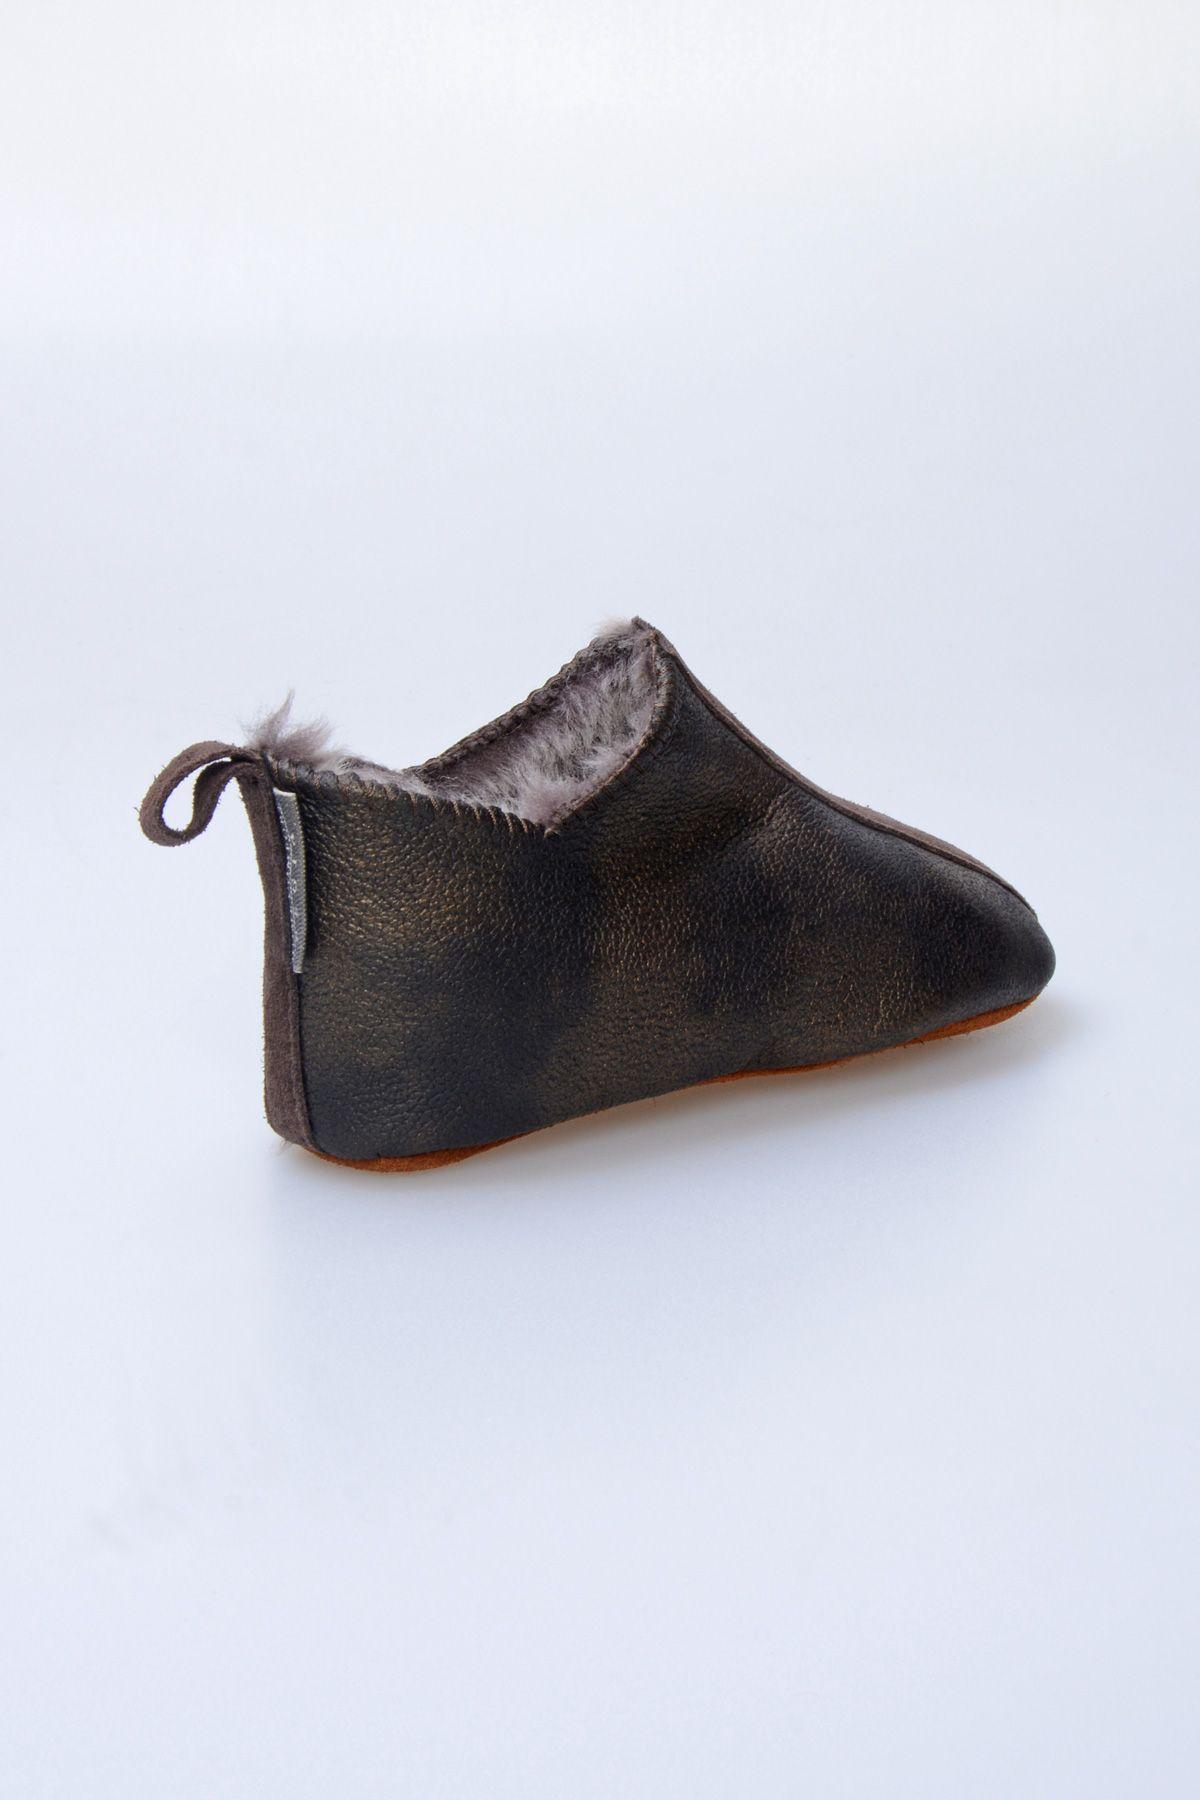 Pegia Hakiki Kürklü Çocuk Ev Ayakkabısı 880260 Khaki